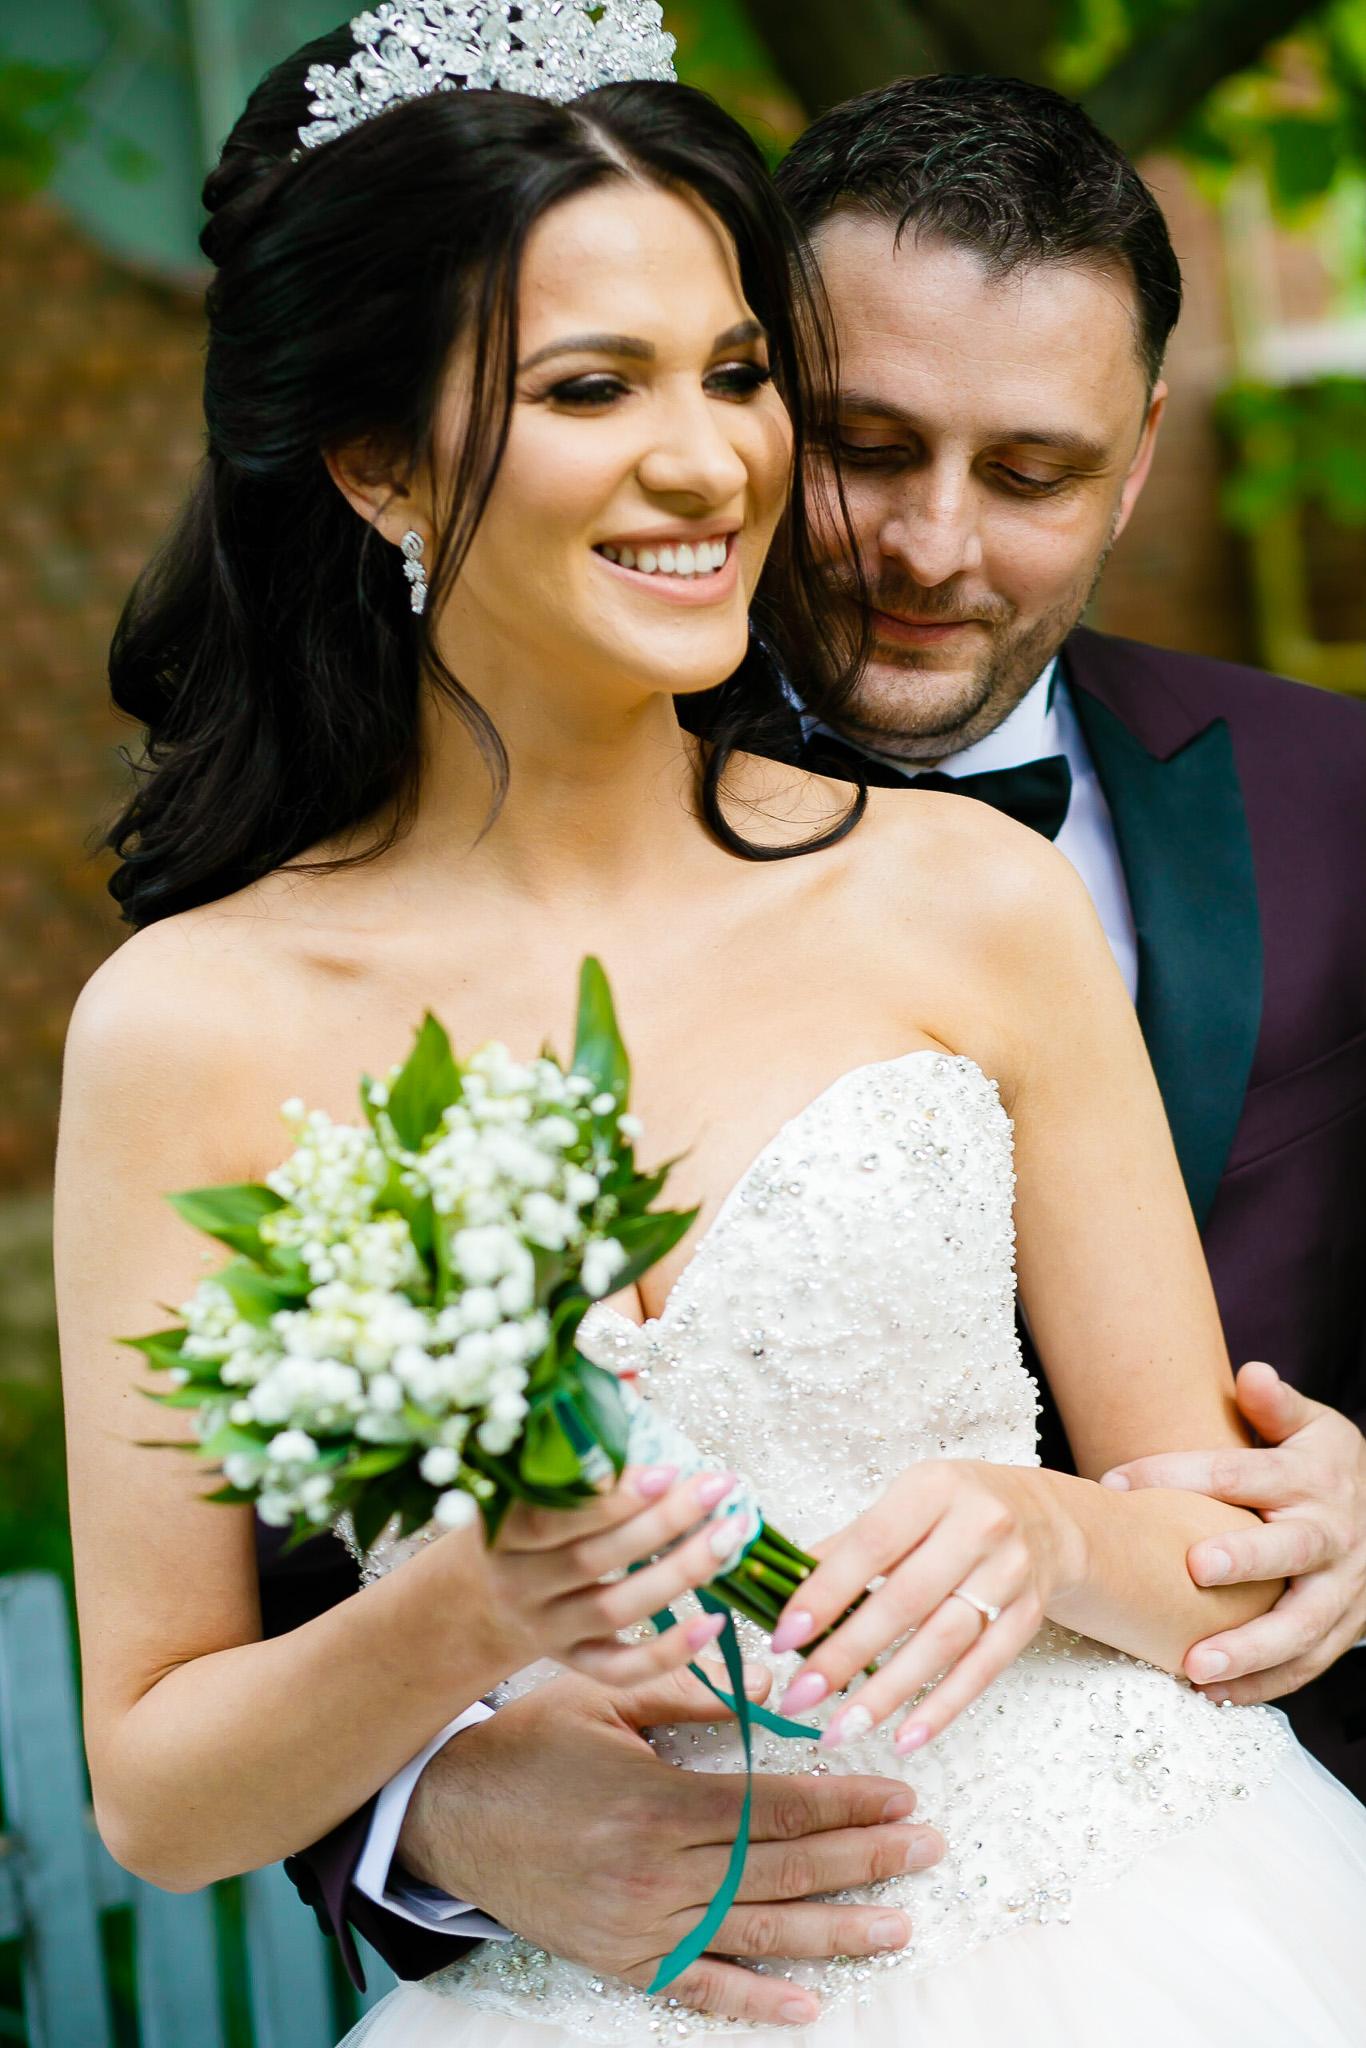 Larisa si Bogdan Nuntă la Pleiada fotograf profesionist nunta Iasi www.paulpadurariu.ro © 2018 Paul Padurariu sedinta foto 3